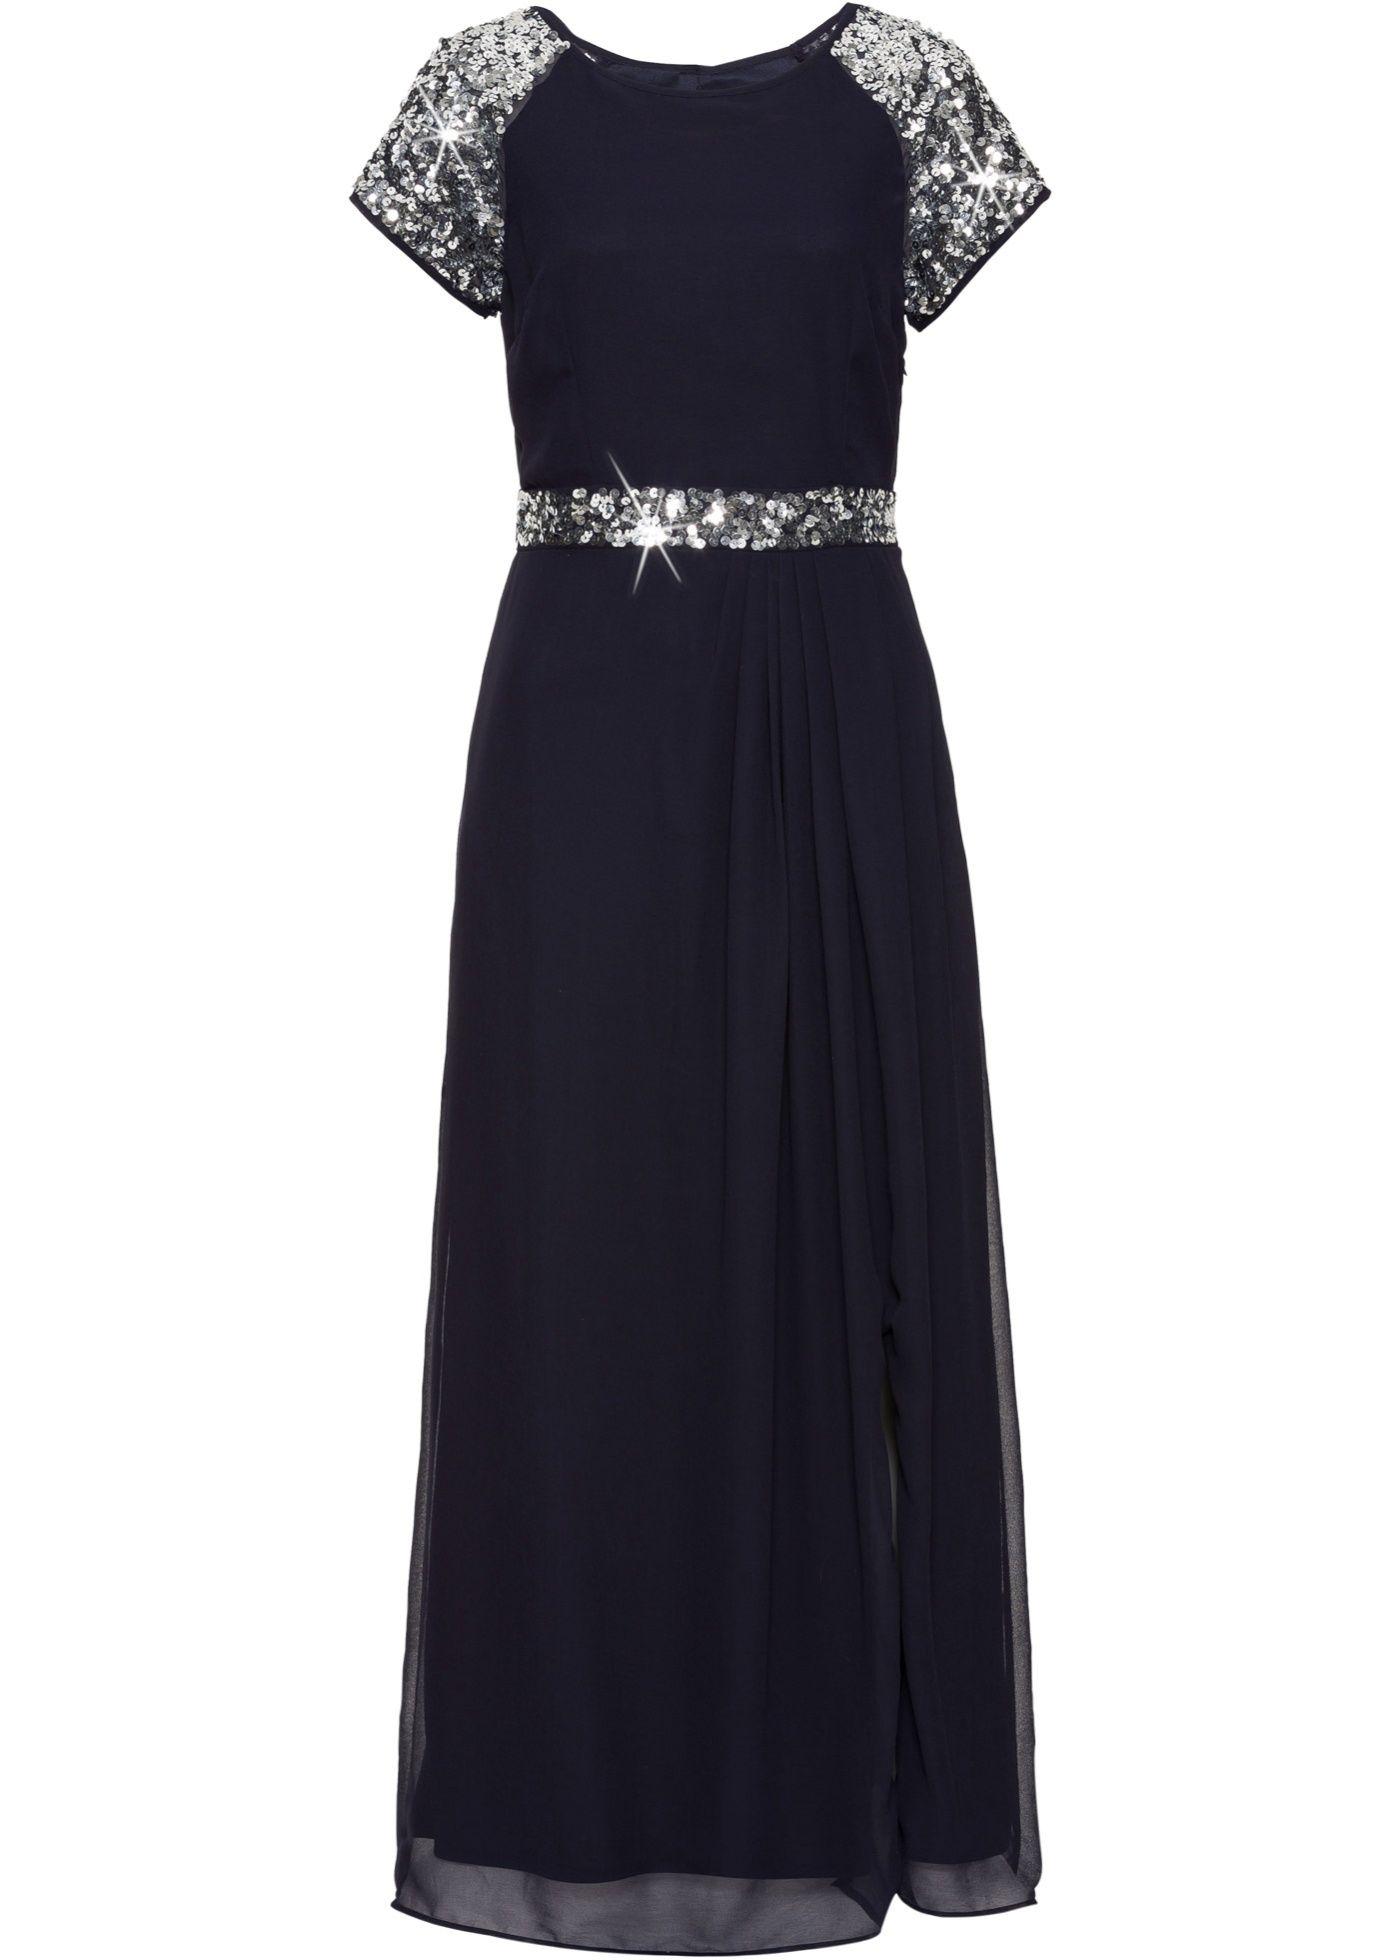 abend-maxikleid | abendkleid, langes abendkleid und kleider